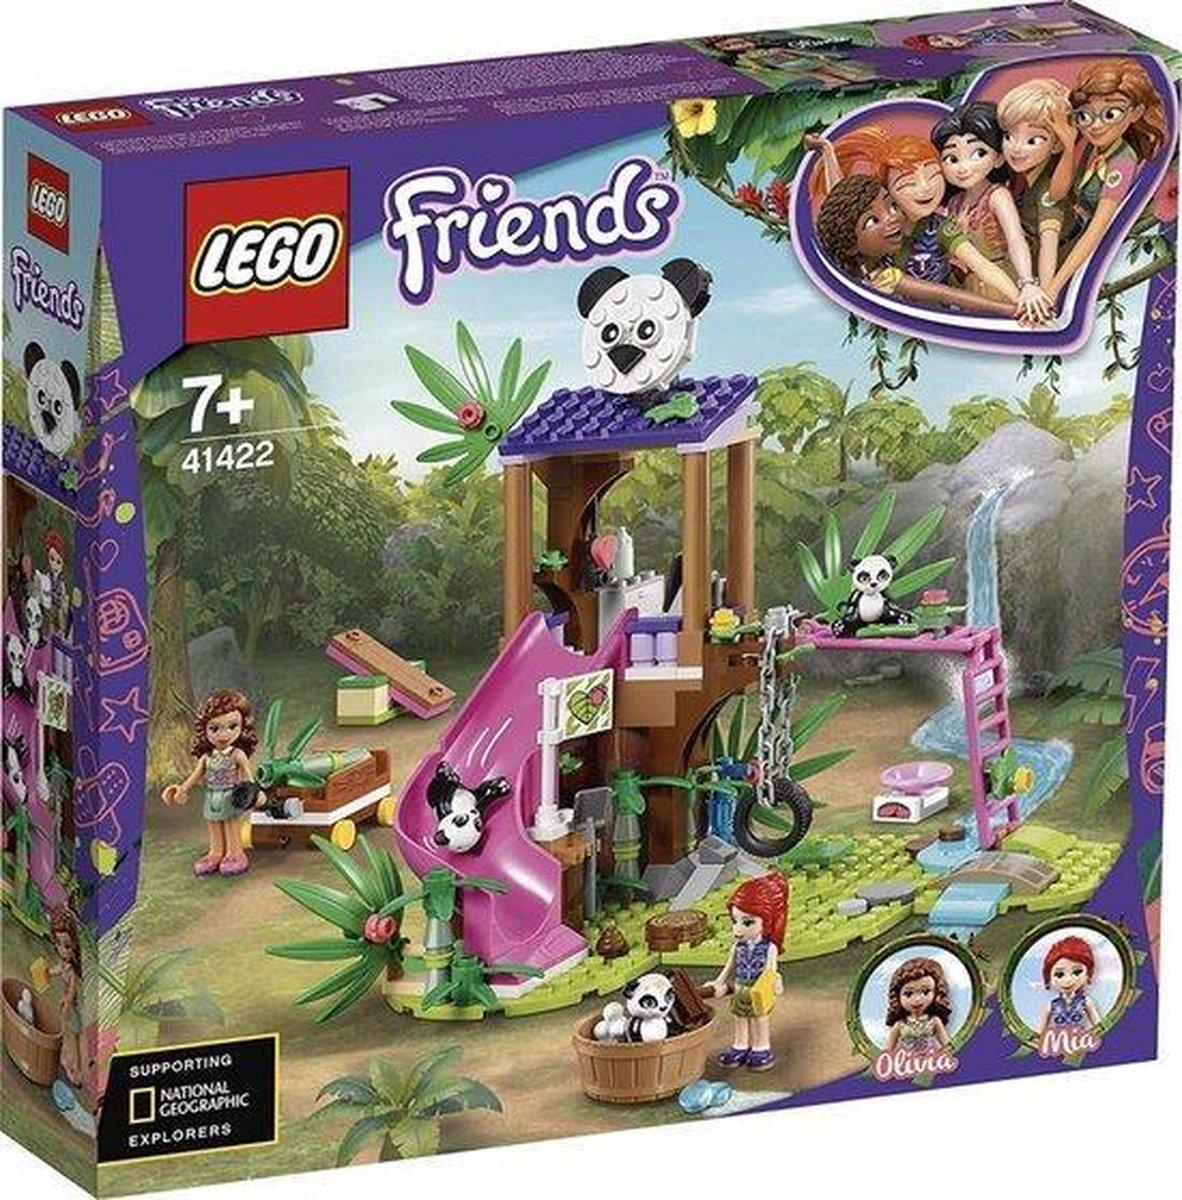 LEGO Friends Panda Jungle Boomhut - Creer je eigen speelwereld - legoworld voor kinderen geschenken - speelgoed - cadeau - kerst - feestdagen - kindergeschenken - kerst 2020 playmobil lego kerst